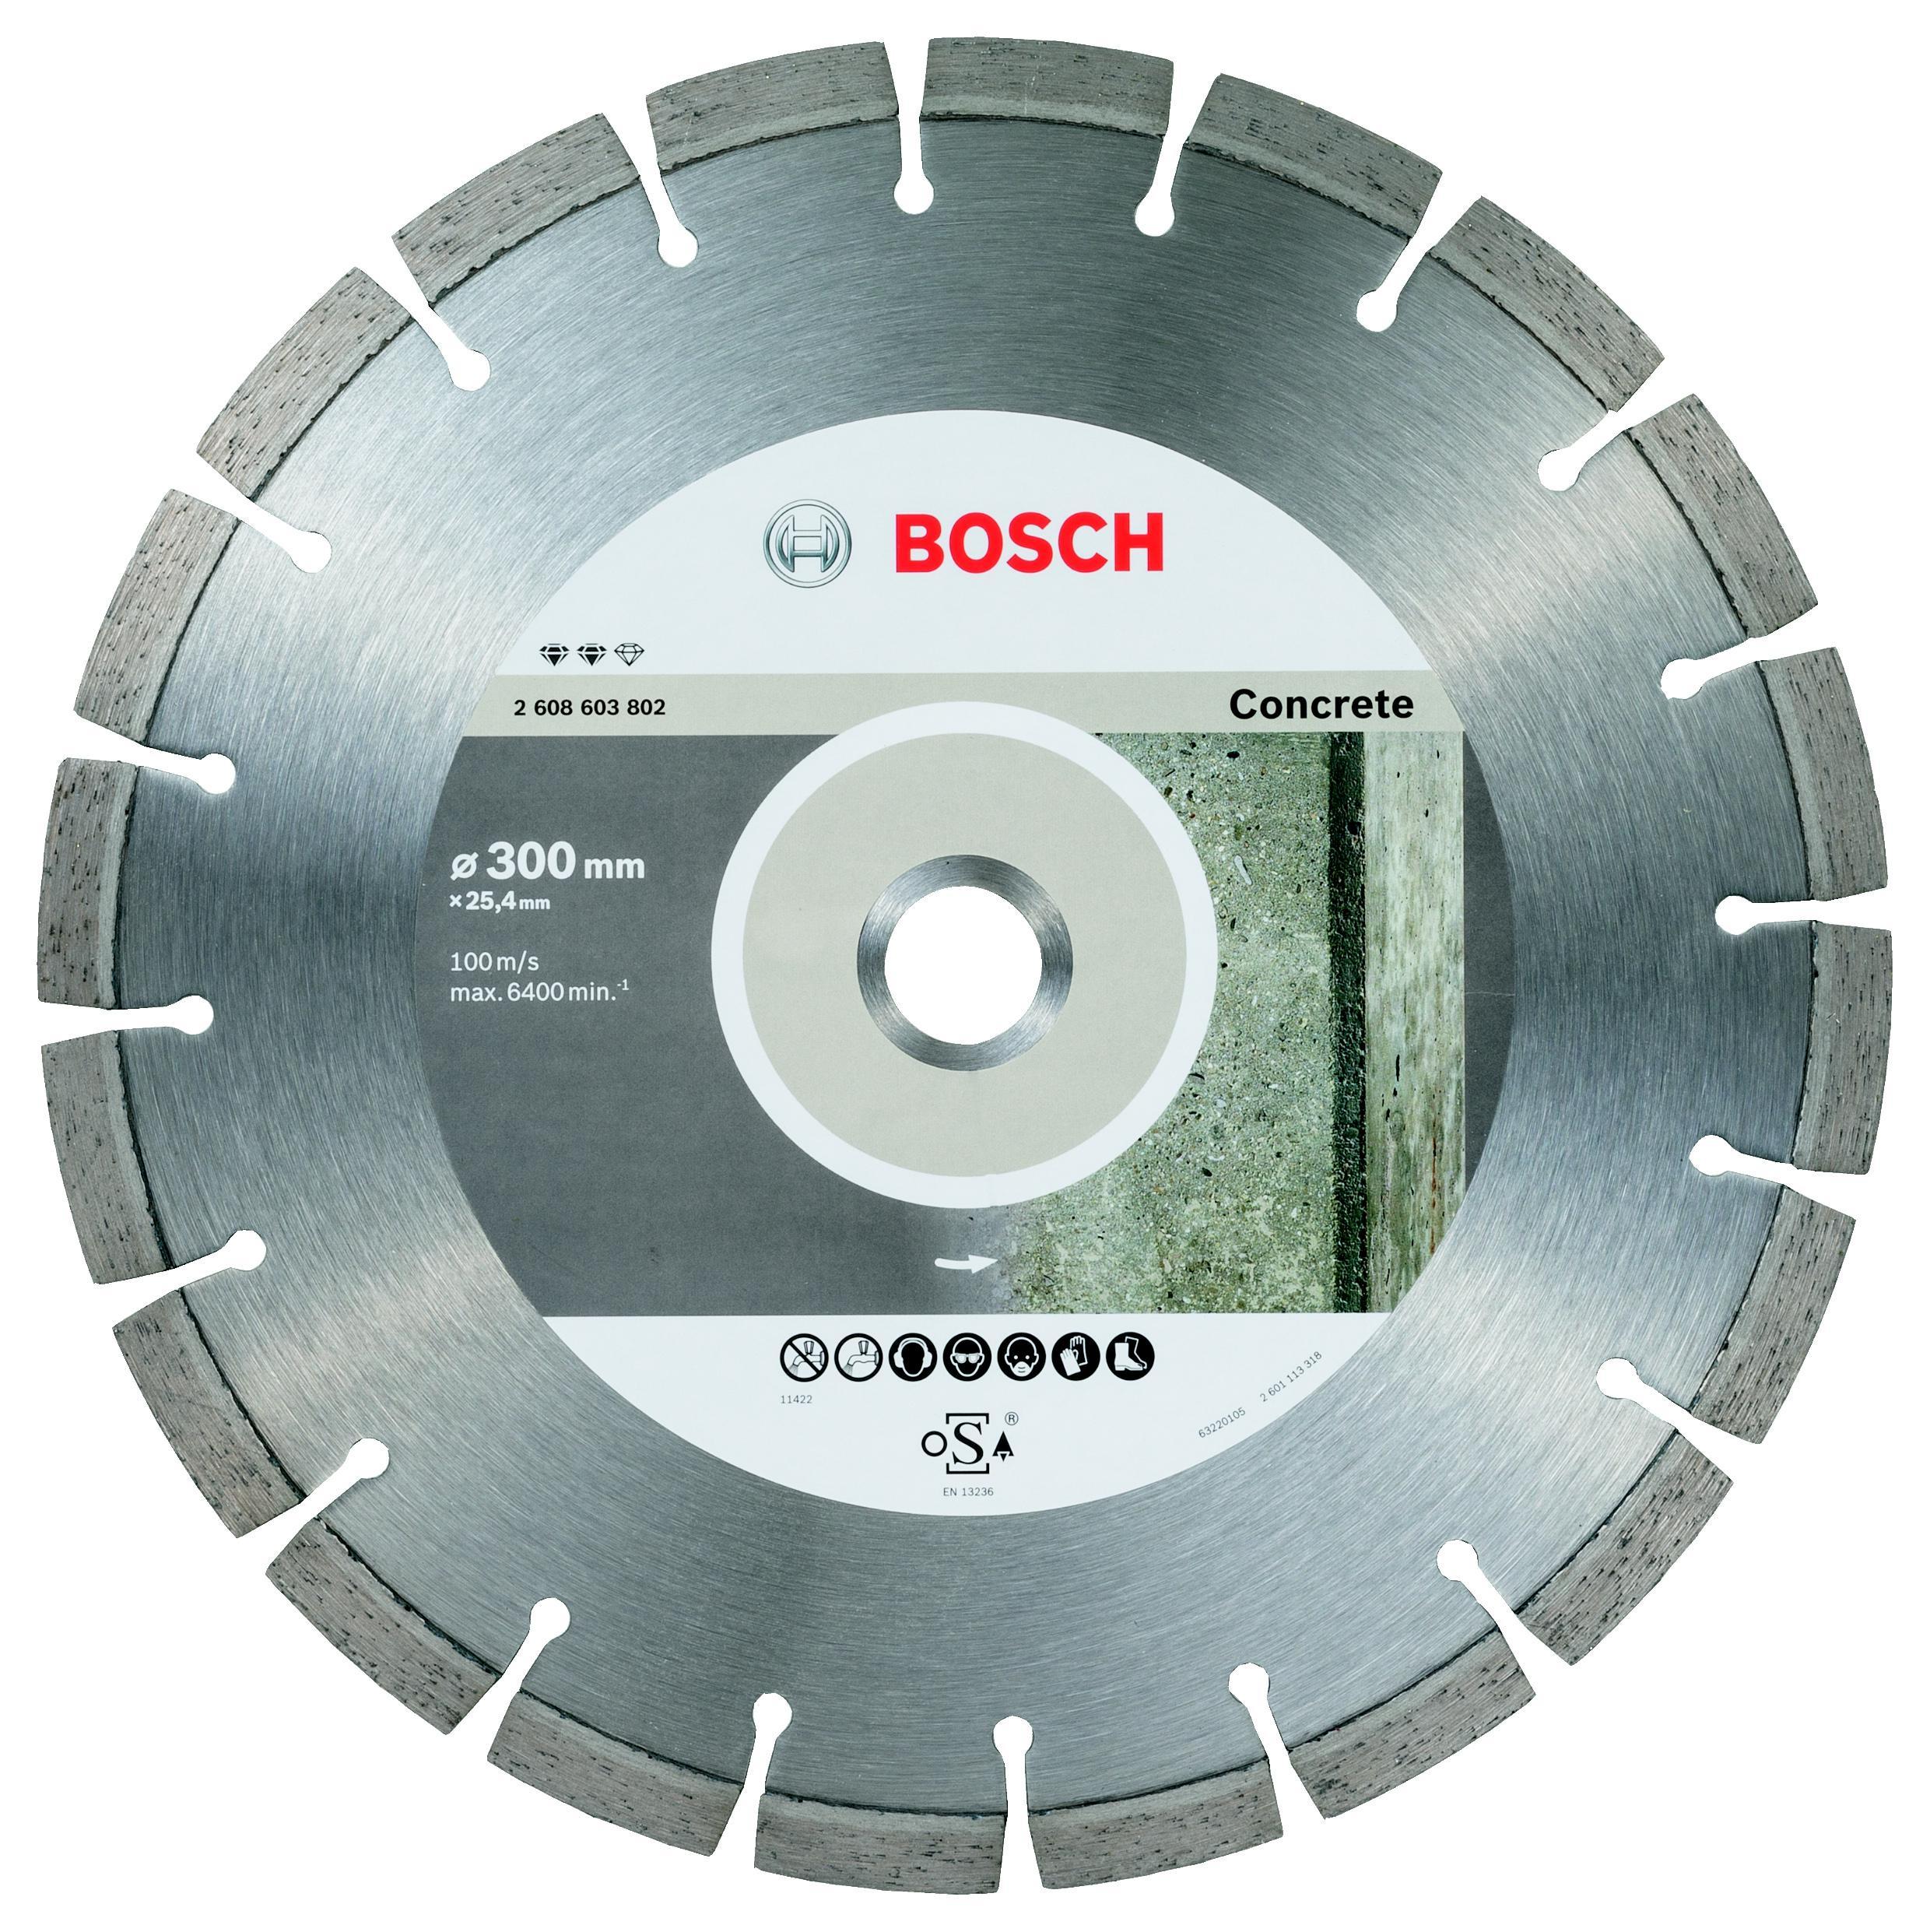 Круг алмазный Bosch 2608603802 expert for concrete недорго, оригинальная цена